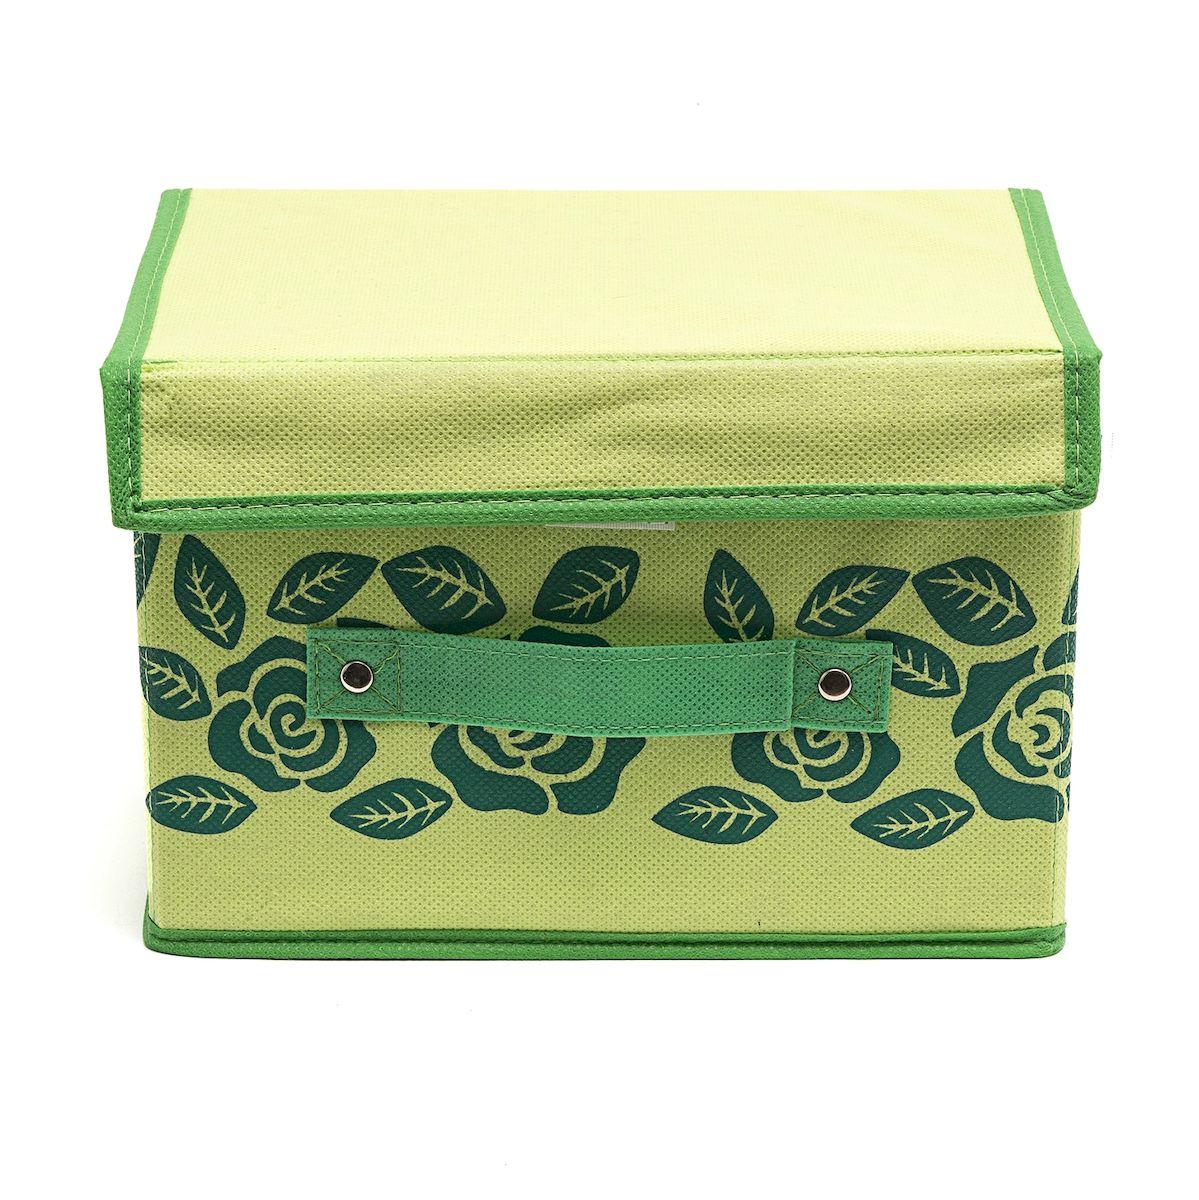 Коробка для хранения Homsu Green Flower, 19 х 25 х 16 смHOM-383Вместительная коробка для хранения Homsu Green Flower выполнена из плотного картона. Изделие обладает удобным размером и привлекательным дизайном, выполненным в приятной цветовой гамме. Внутри коробки можно хранить фотографии, ткани, принадлежности для хобби, памятные сувениры и многое другое. Крышка изделия удобно открывается и закрывается. Коробка для хранения Homsu Green Flower станет незаменимой помощницей в путешествиях.